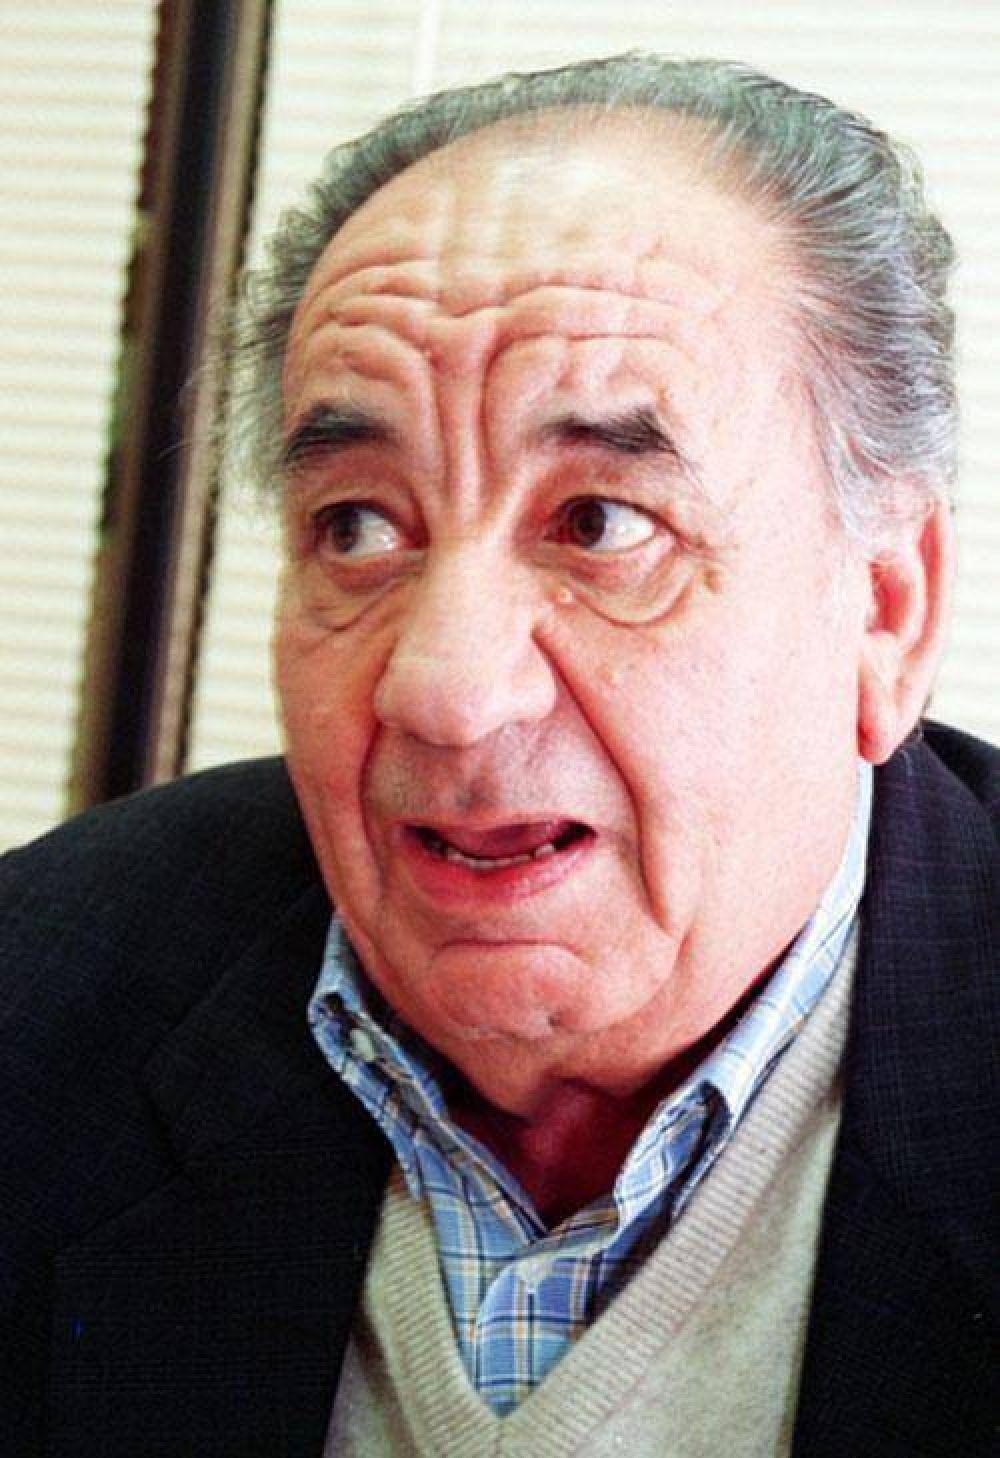 Murió el farmacéutico y ex diputado Cárdenas.